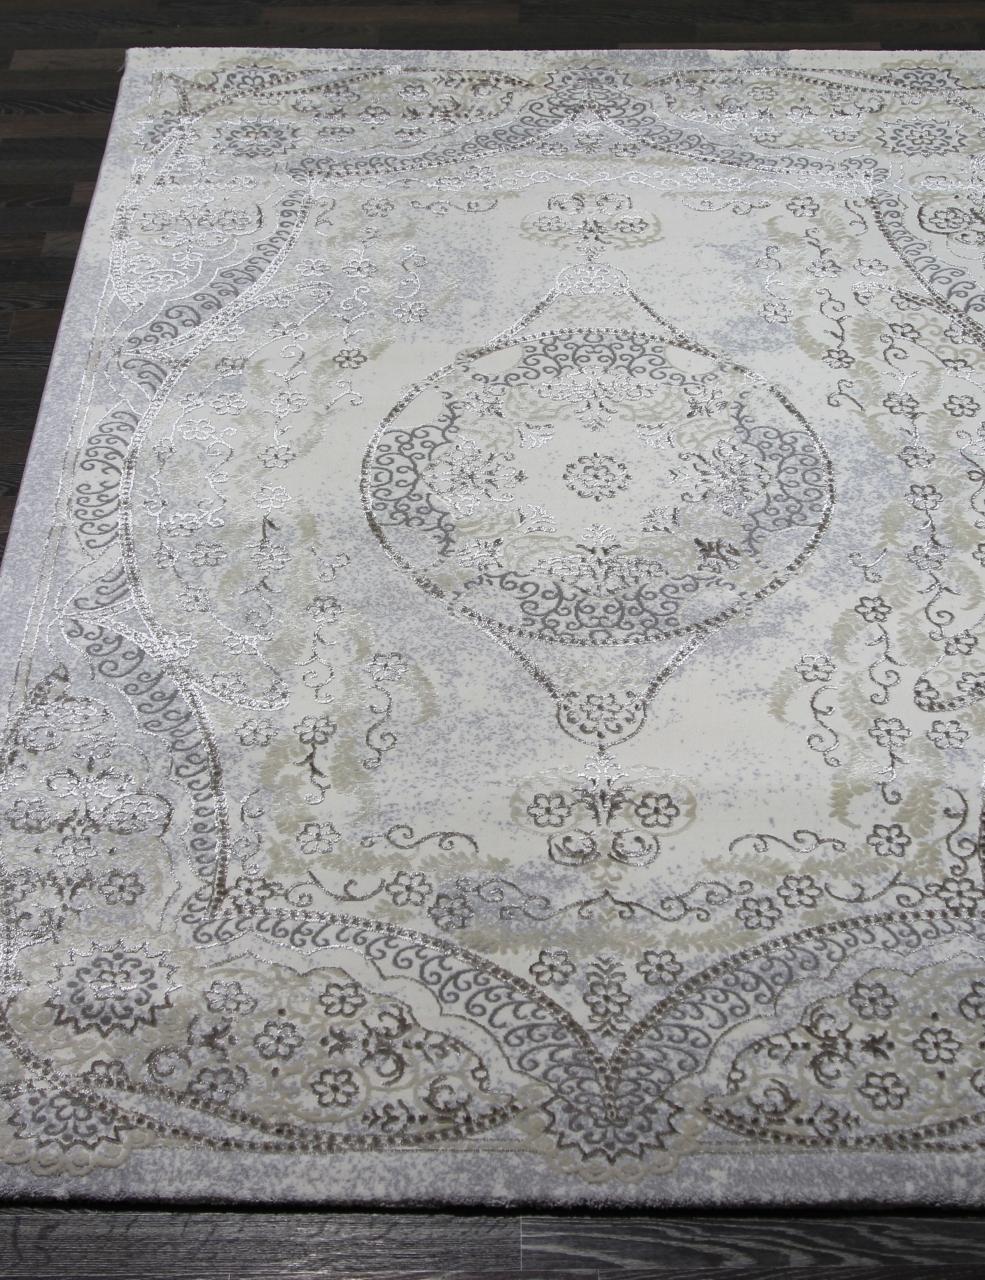 Ковер 16112 - 665 - Прямоугольник - коллекция Elite - фото 5